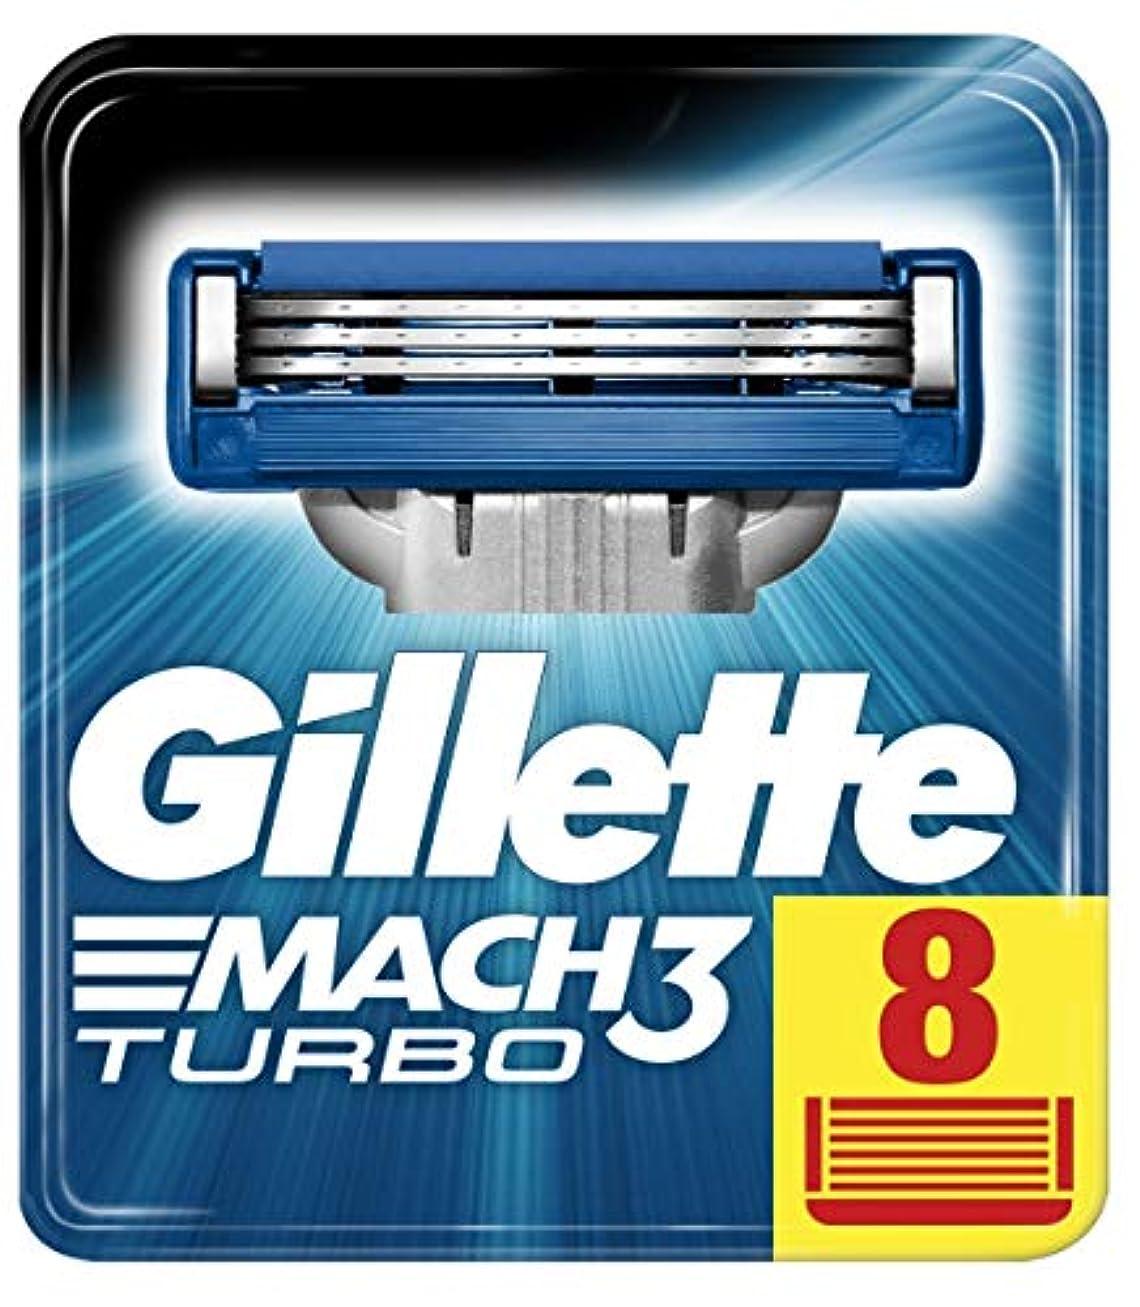 約設定勧める形状ジレット マッハスリーターボ 替刃8個入